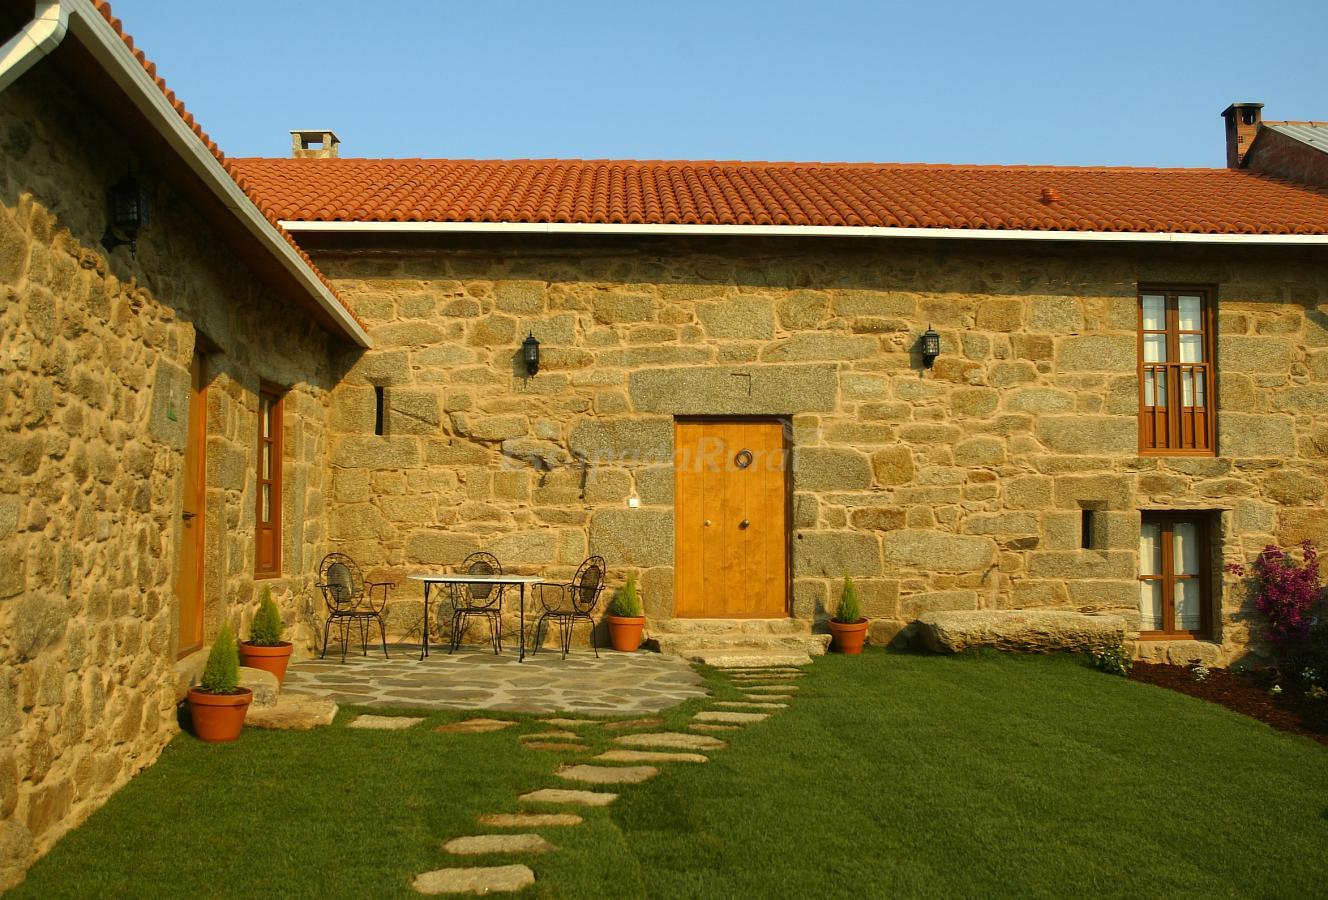 Fotos de a cobacha casa rural en paderne a coru a - Casas en a coruna ...